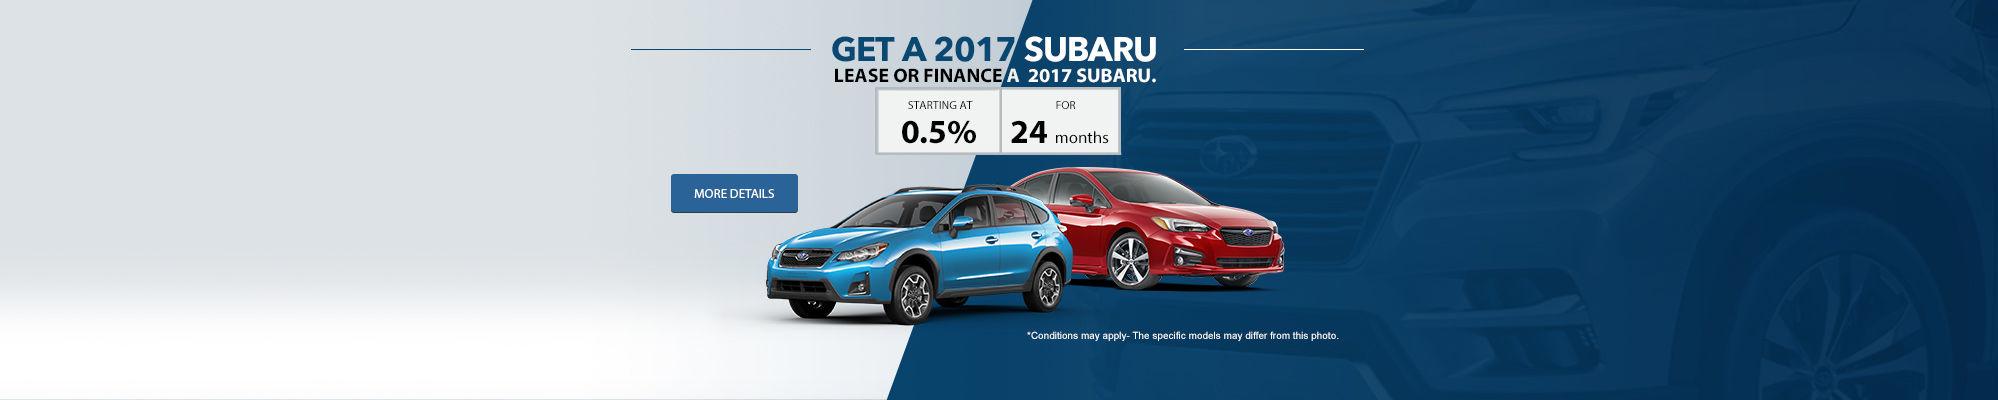 Get a 2017 Subaru